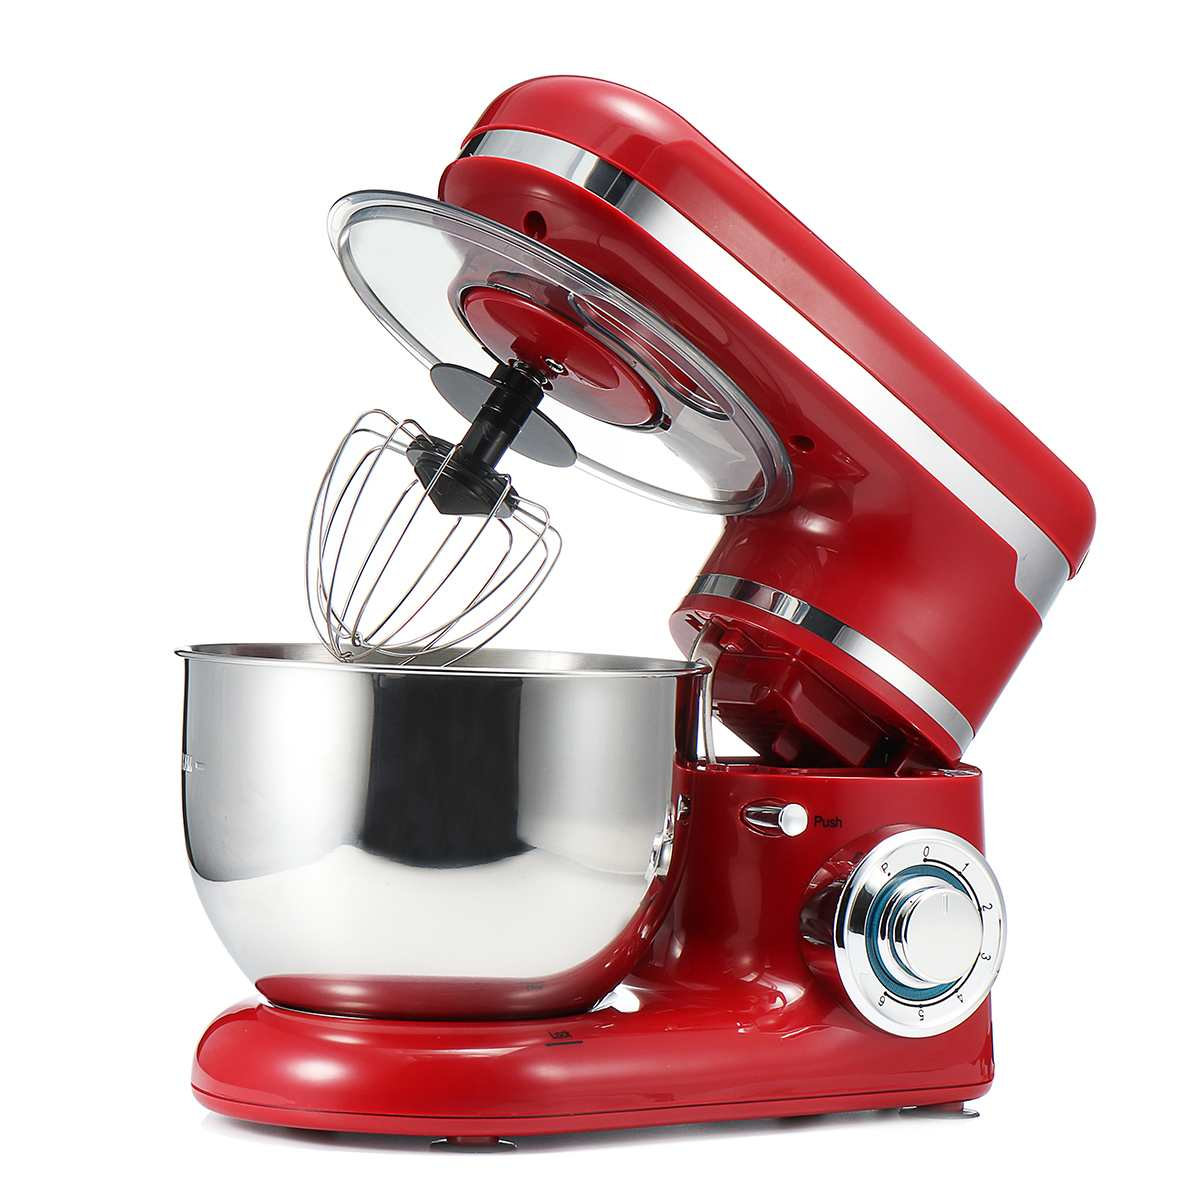 1200W 4L миксер из нержавеющей стали кухонные блендеры миксер крем венчик для яиц торт коврик для теста миксер для теста машина для теста кухон...